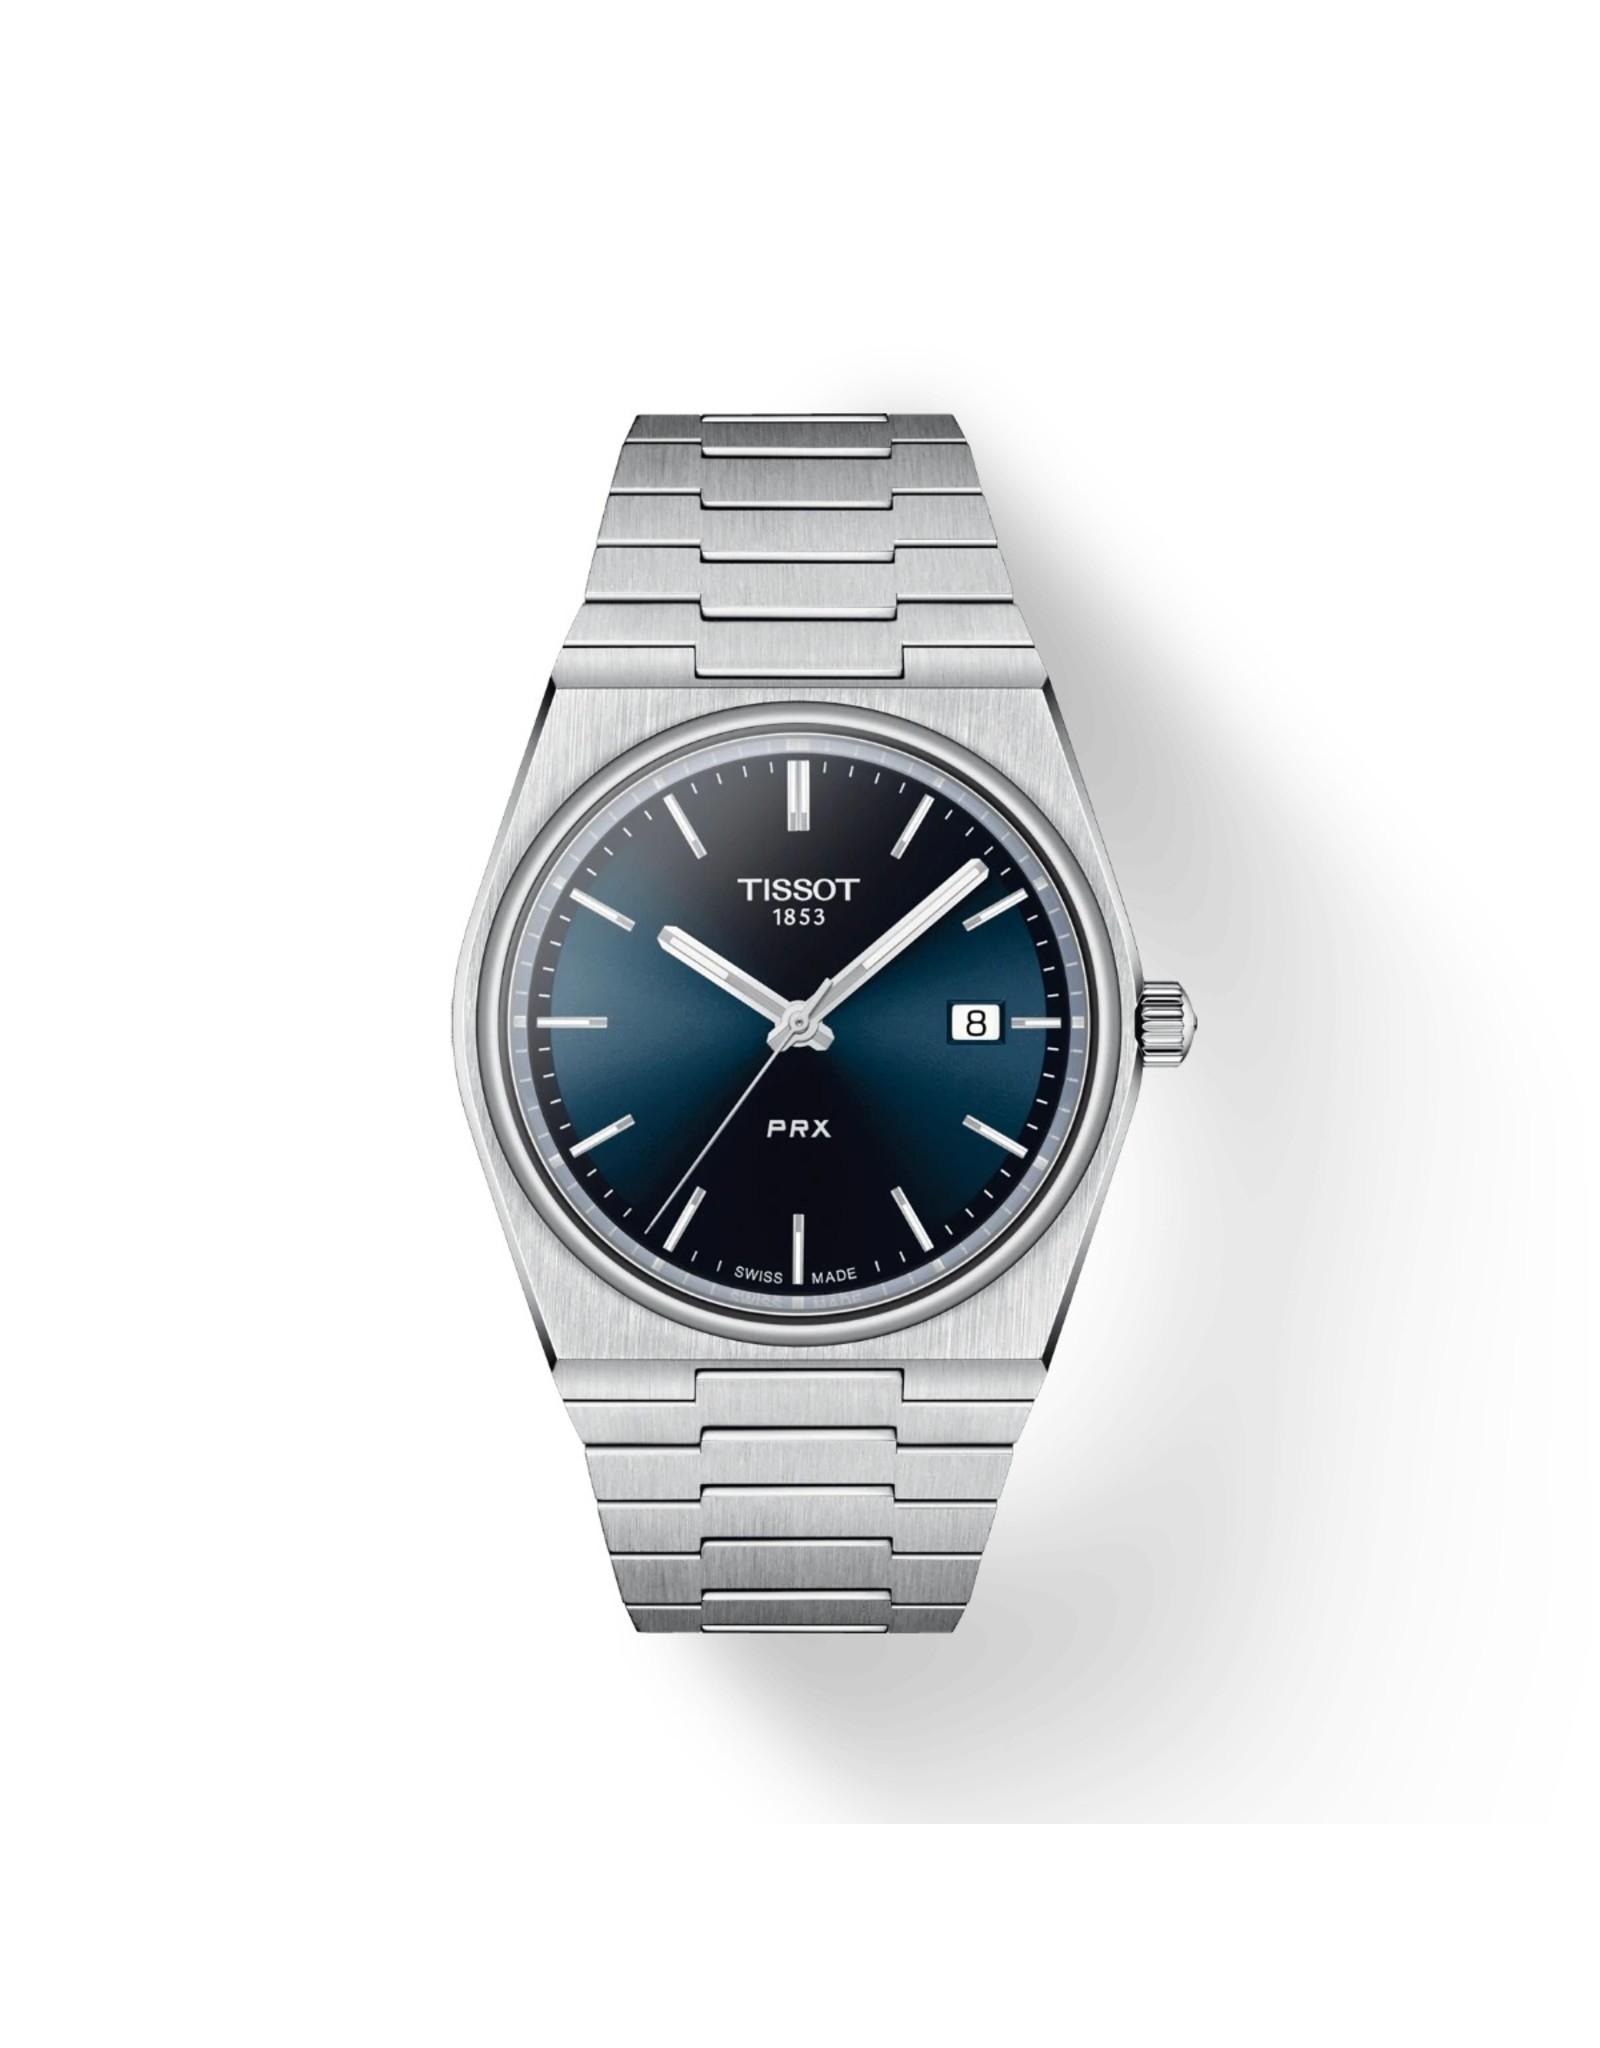 Tissot Tissot PRX Watch